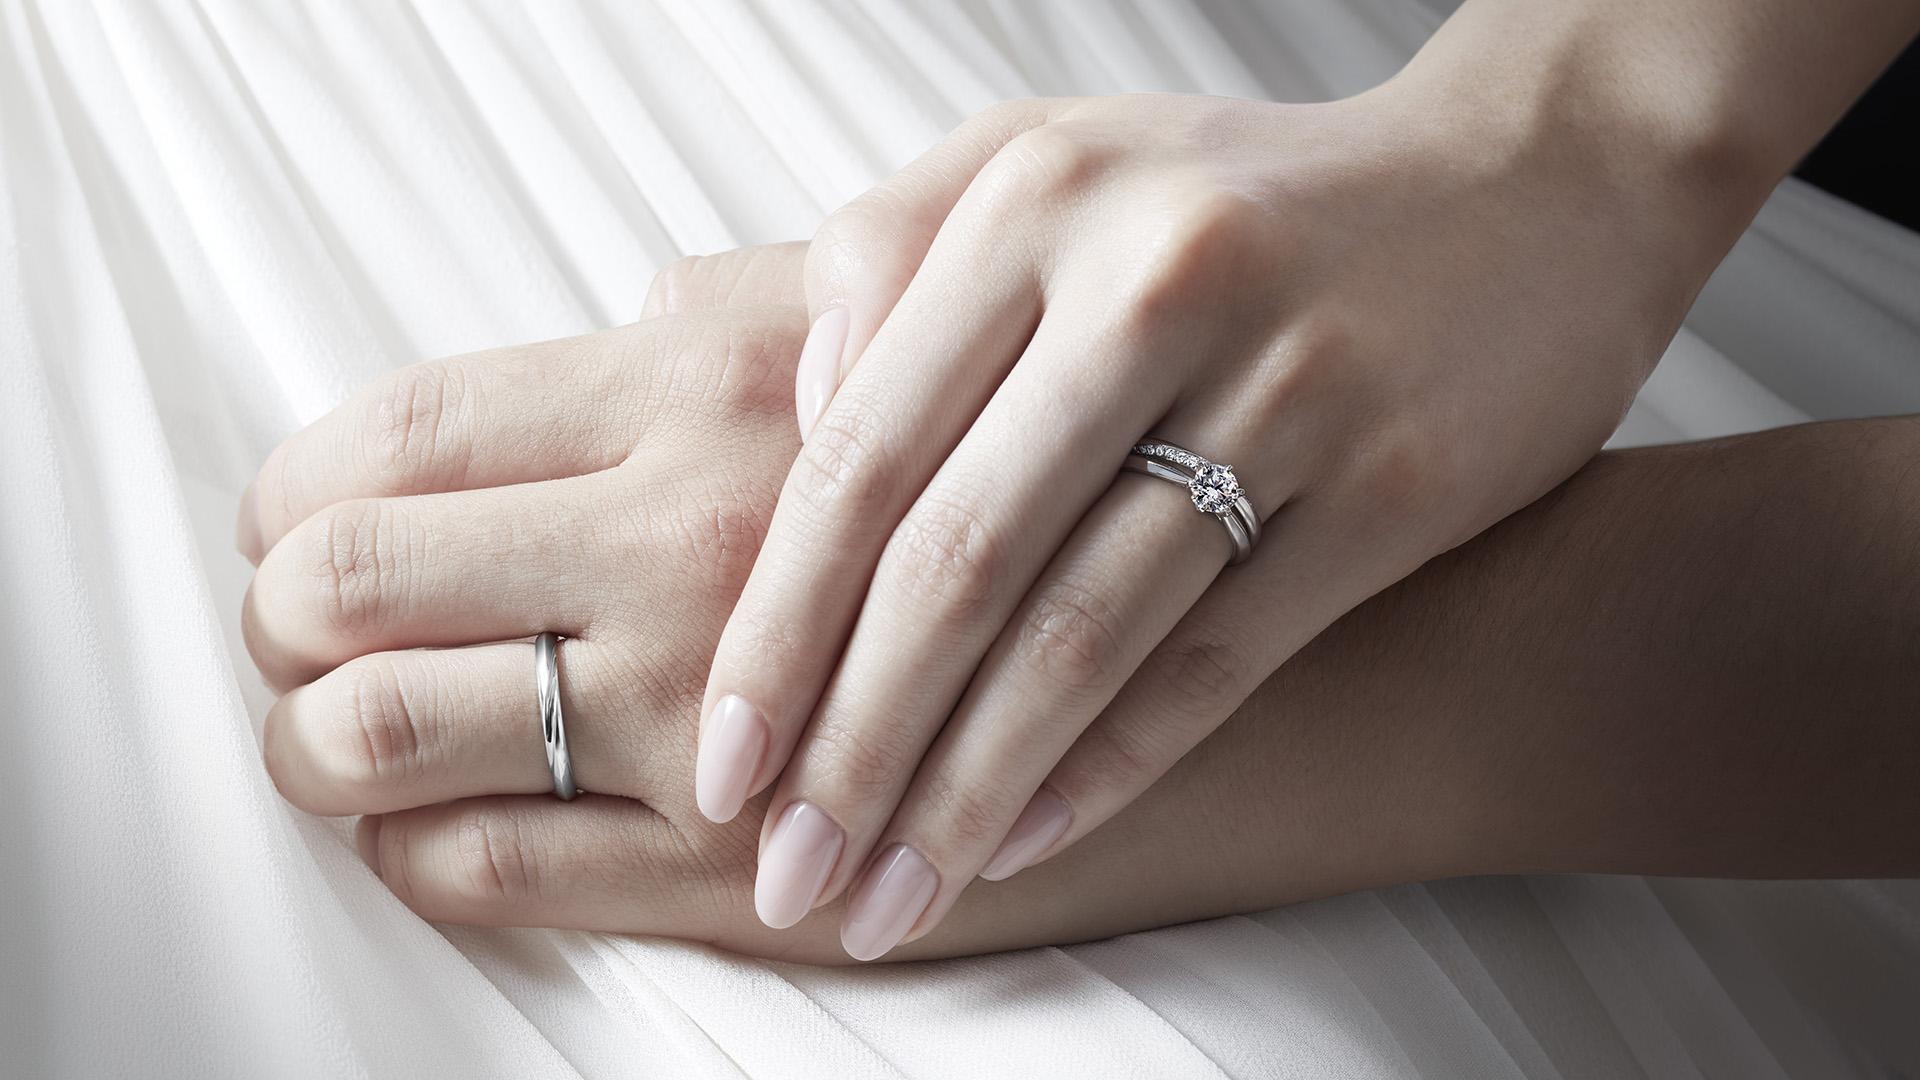 【NEW】hercules ヘラクレス≪11月2日(土)発売≫ | 婚約指輪サムネイル 4